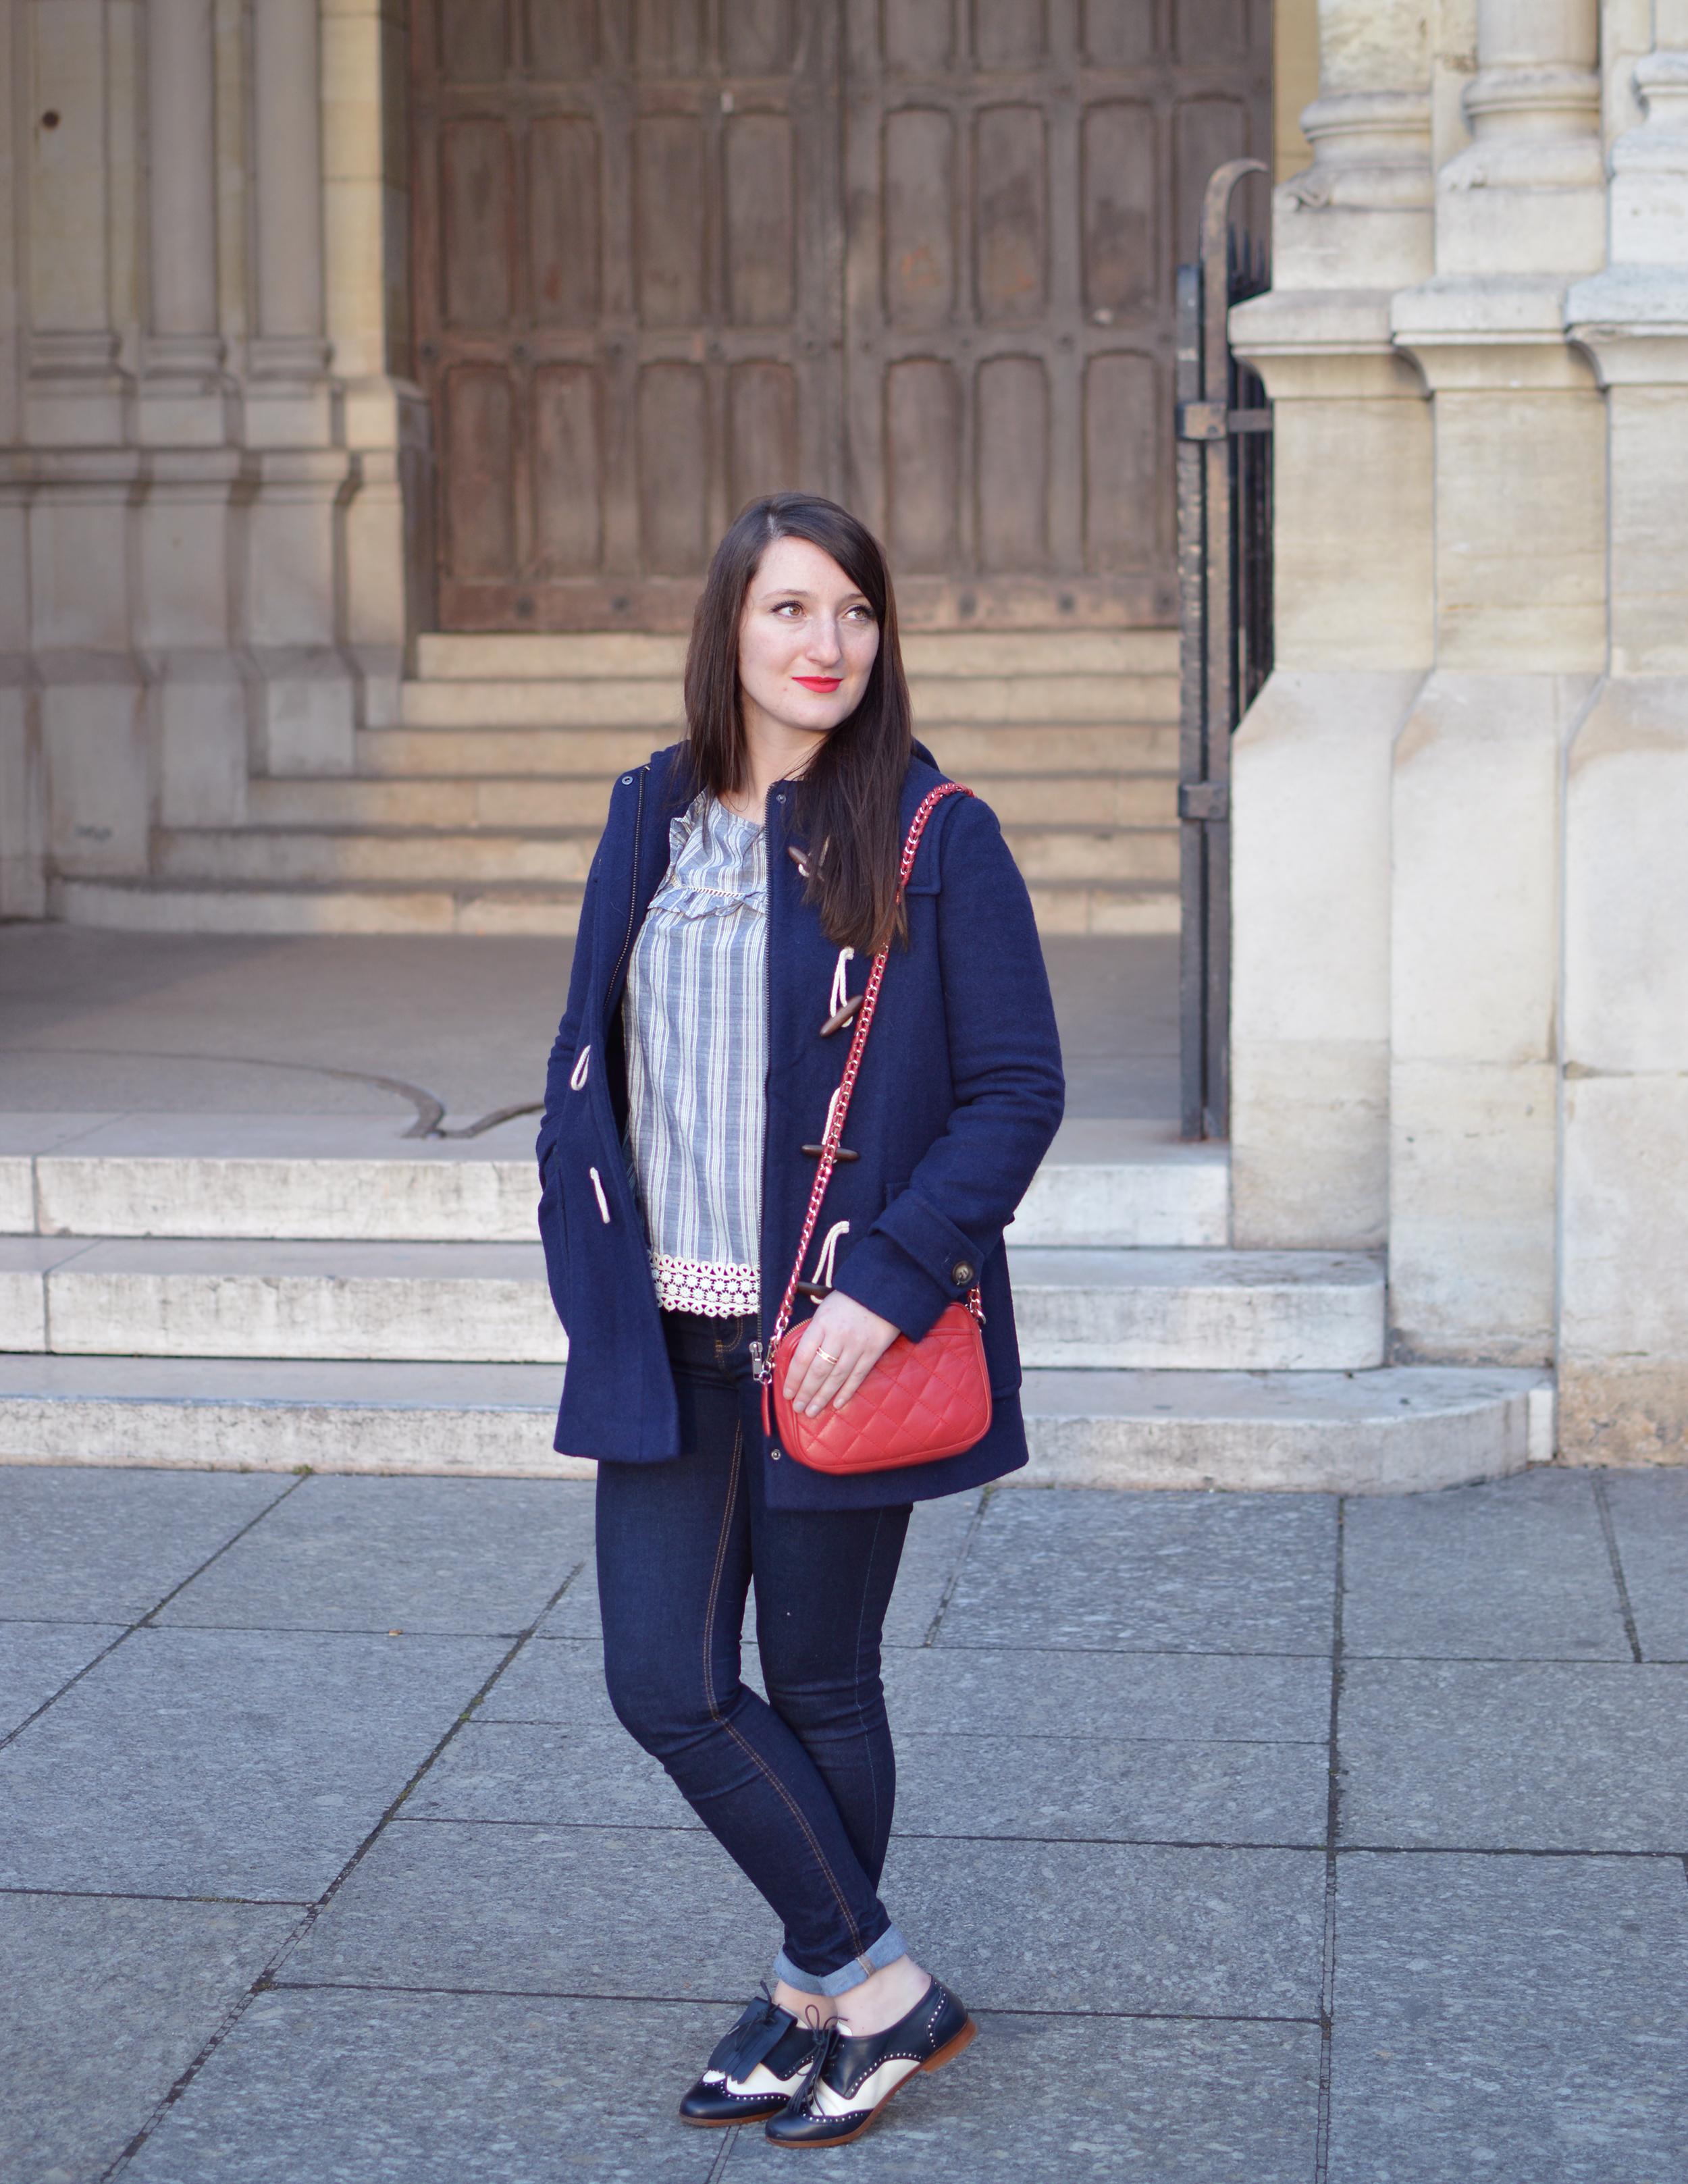 bleu-marine-bleumarine-rouge-look-sezane-dufflecoat-4